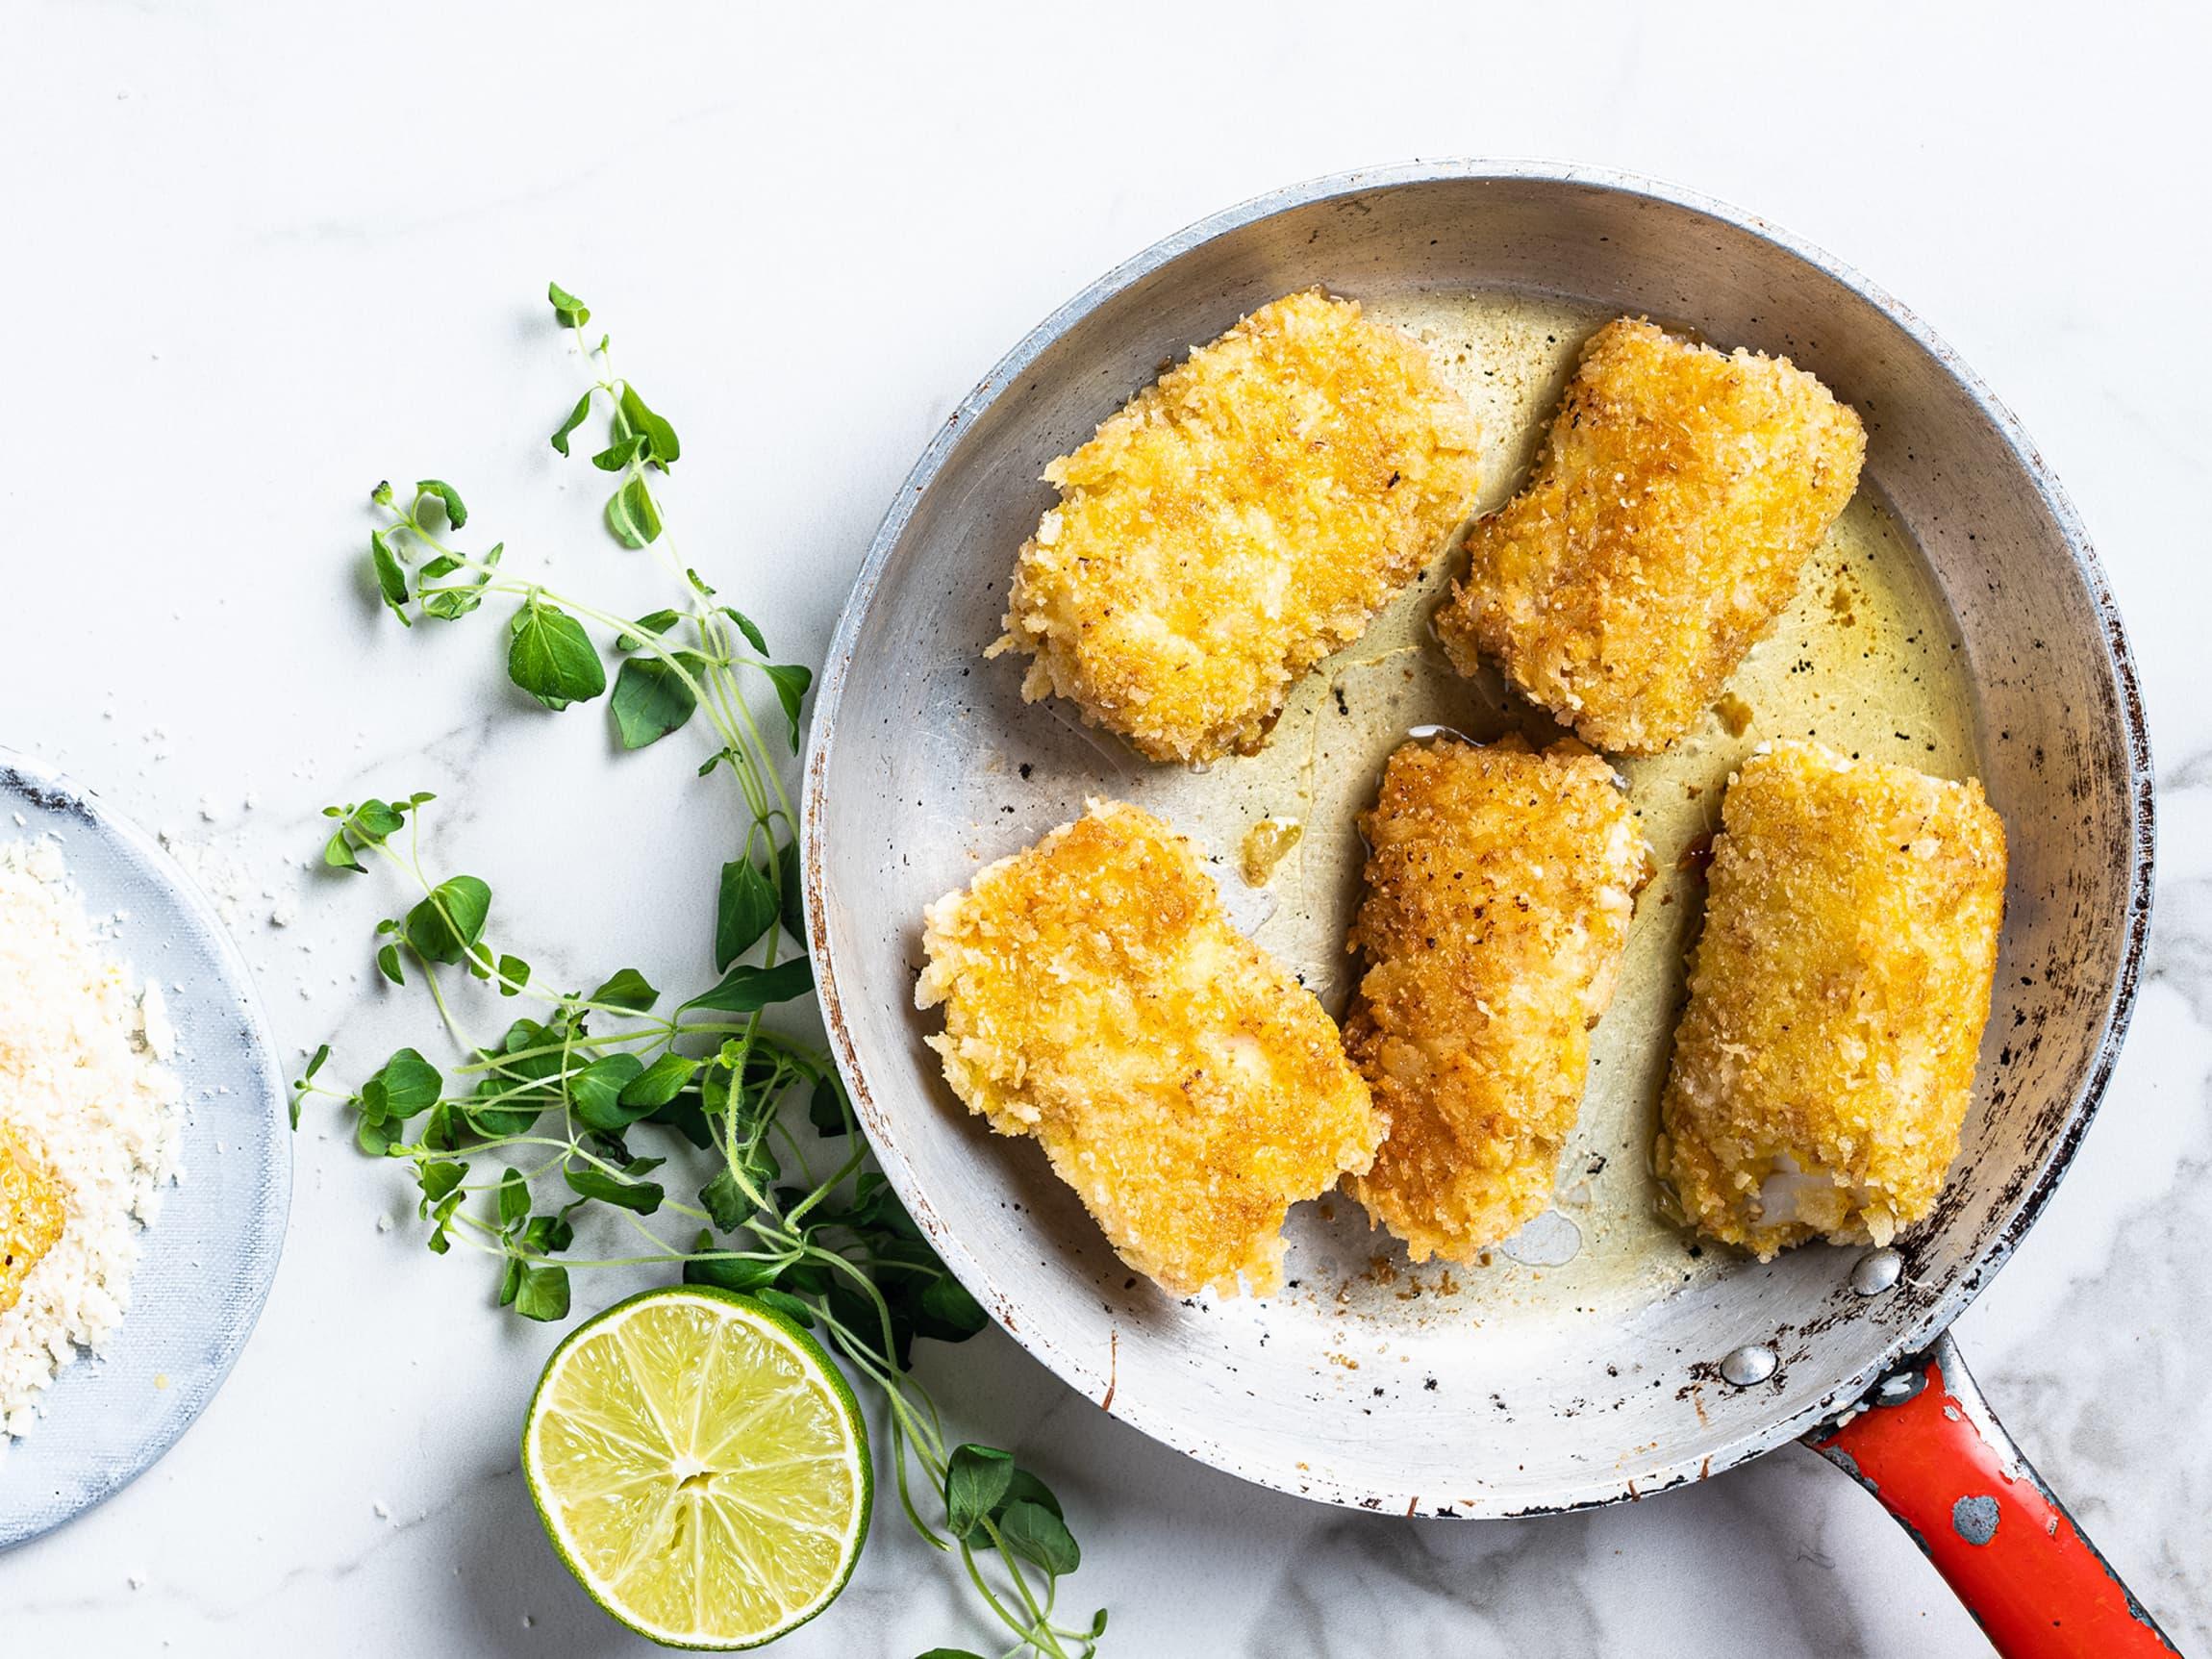 Panert torskefilet blir sprø og smakfulle fiskepinner. Sliter du med å få barna til å spise fisk? La dem bli med på kjøkkenet og lag fiskepinner!